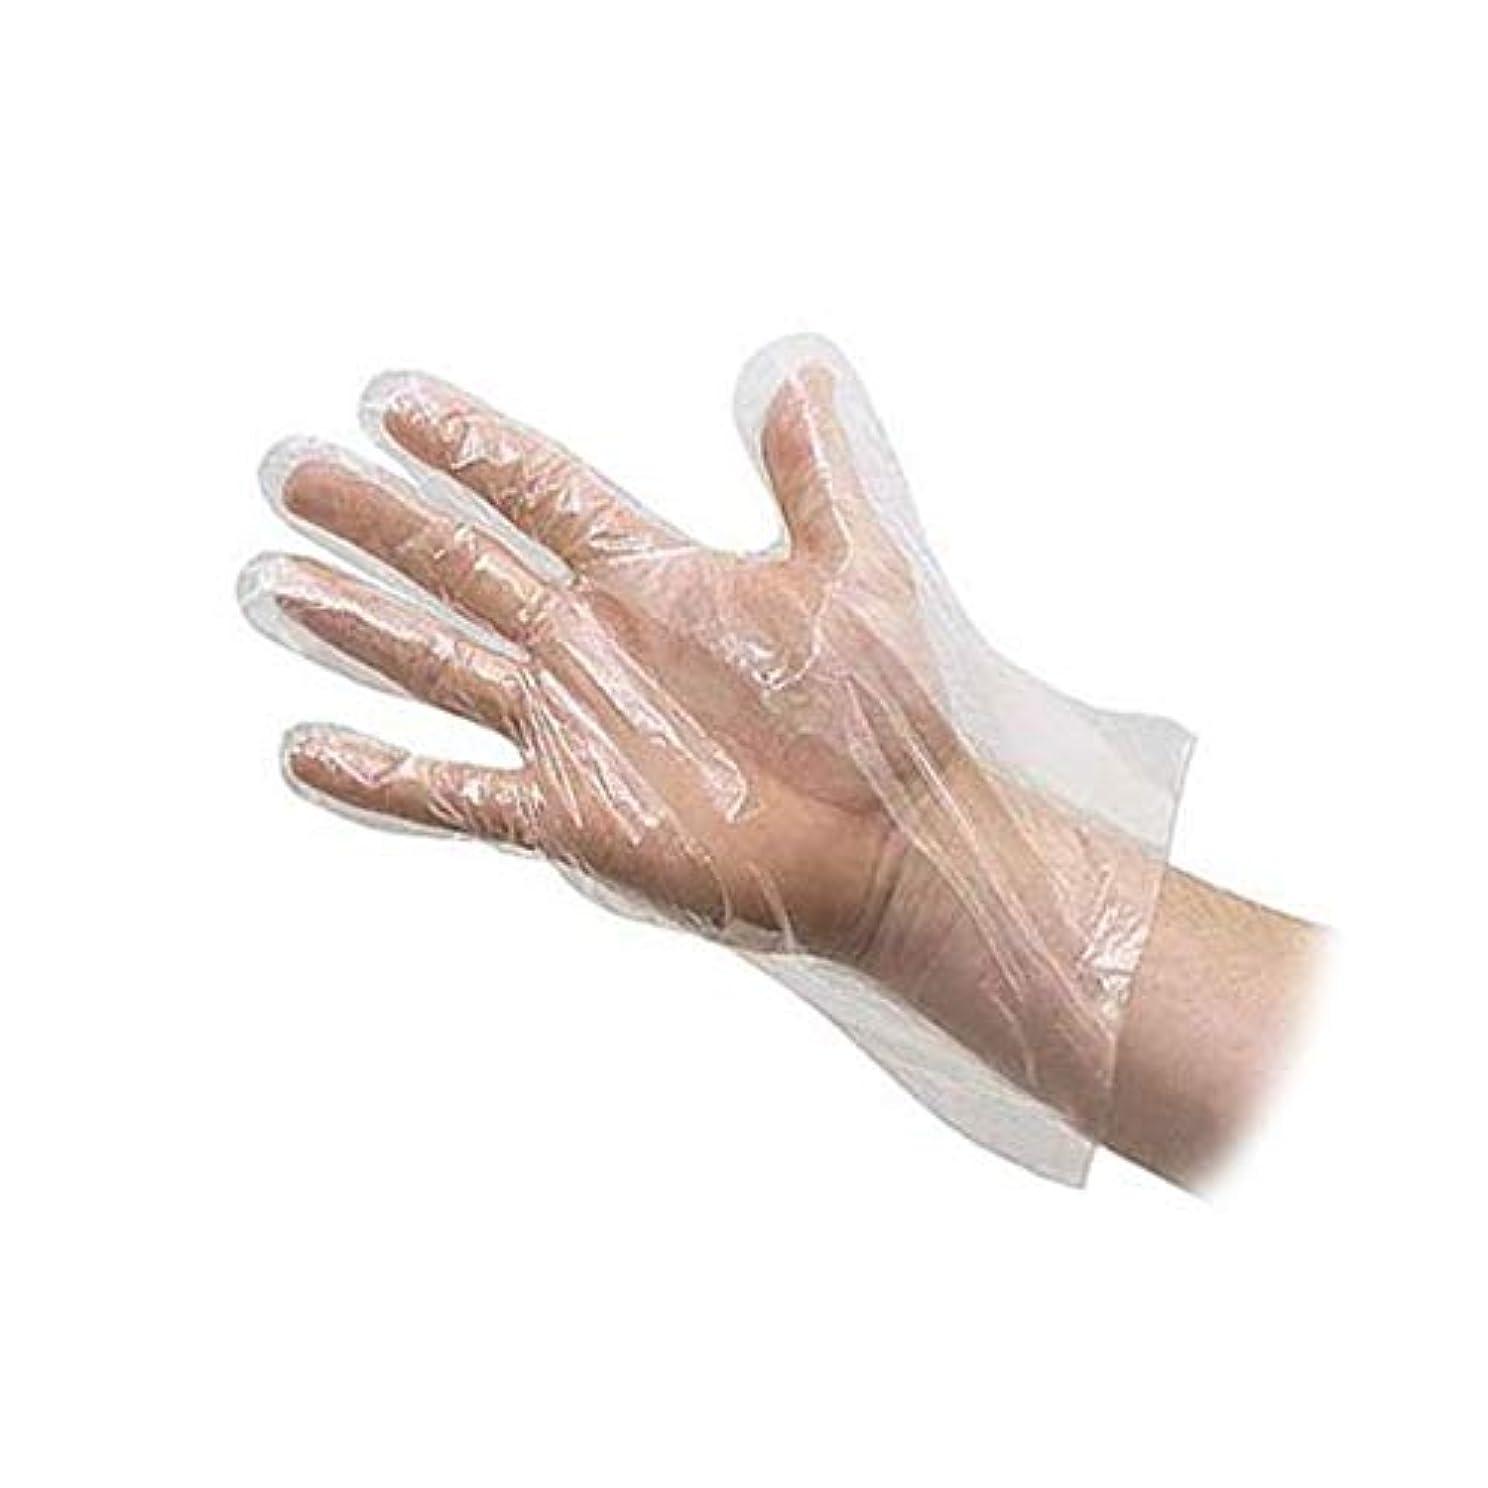 書道メディカルデータベース(デマ―クト)De?markt ポリエチレン 手袋 使い捨て手袋 カタエンボス 調理用 食品 プラスチック ホワイト 粉なし 食品衛生 透明 左右兼用 薄型 ビニール極薄手袋 100枚入